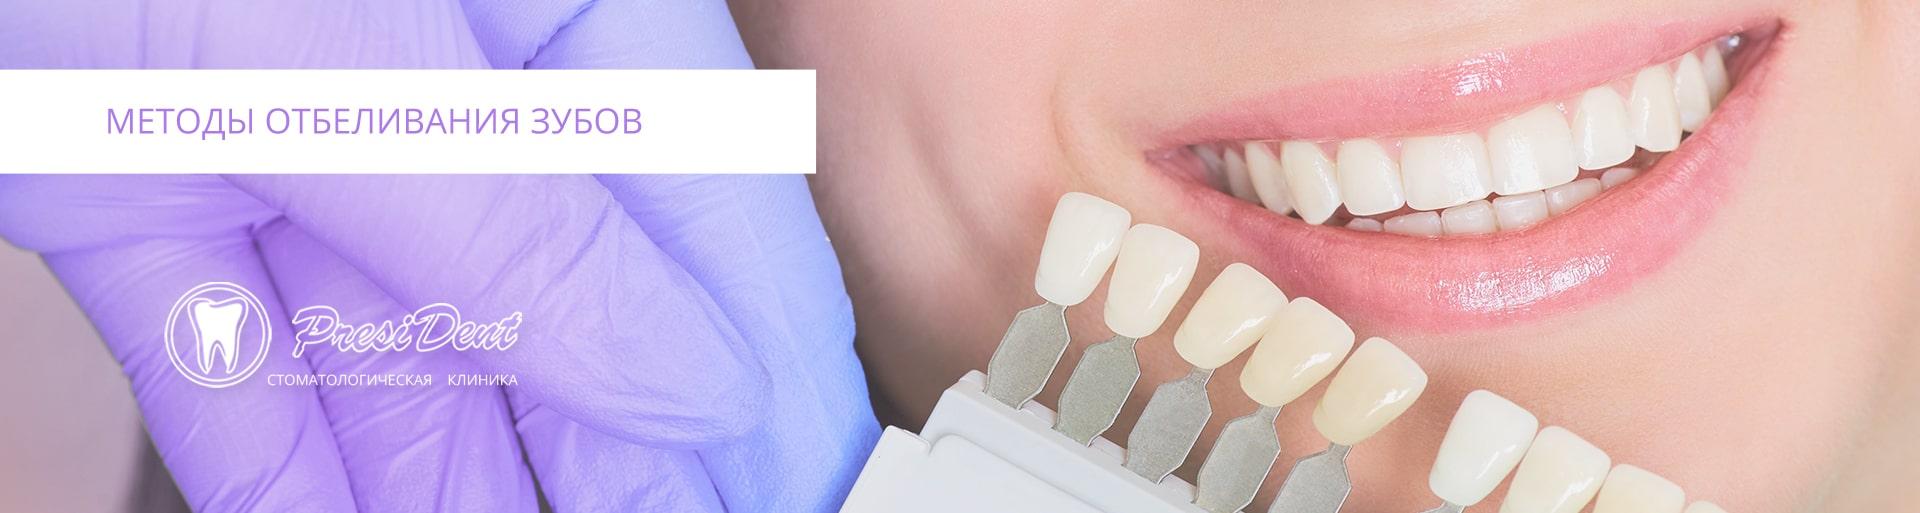 Какой метод отбеливания зубов выбрать?